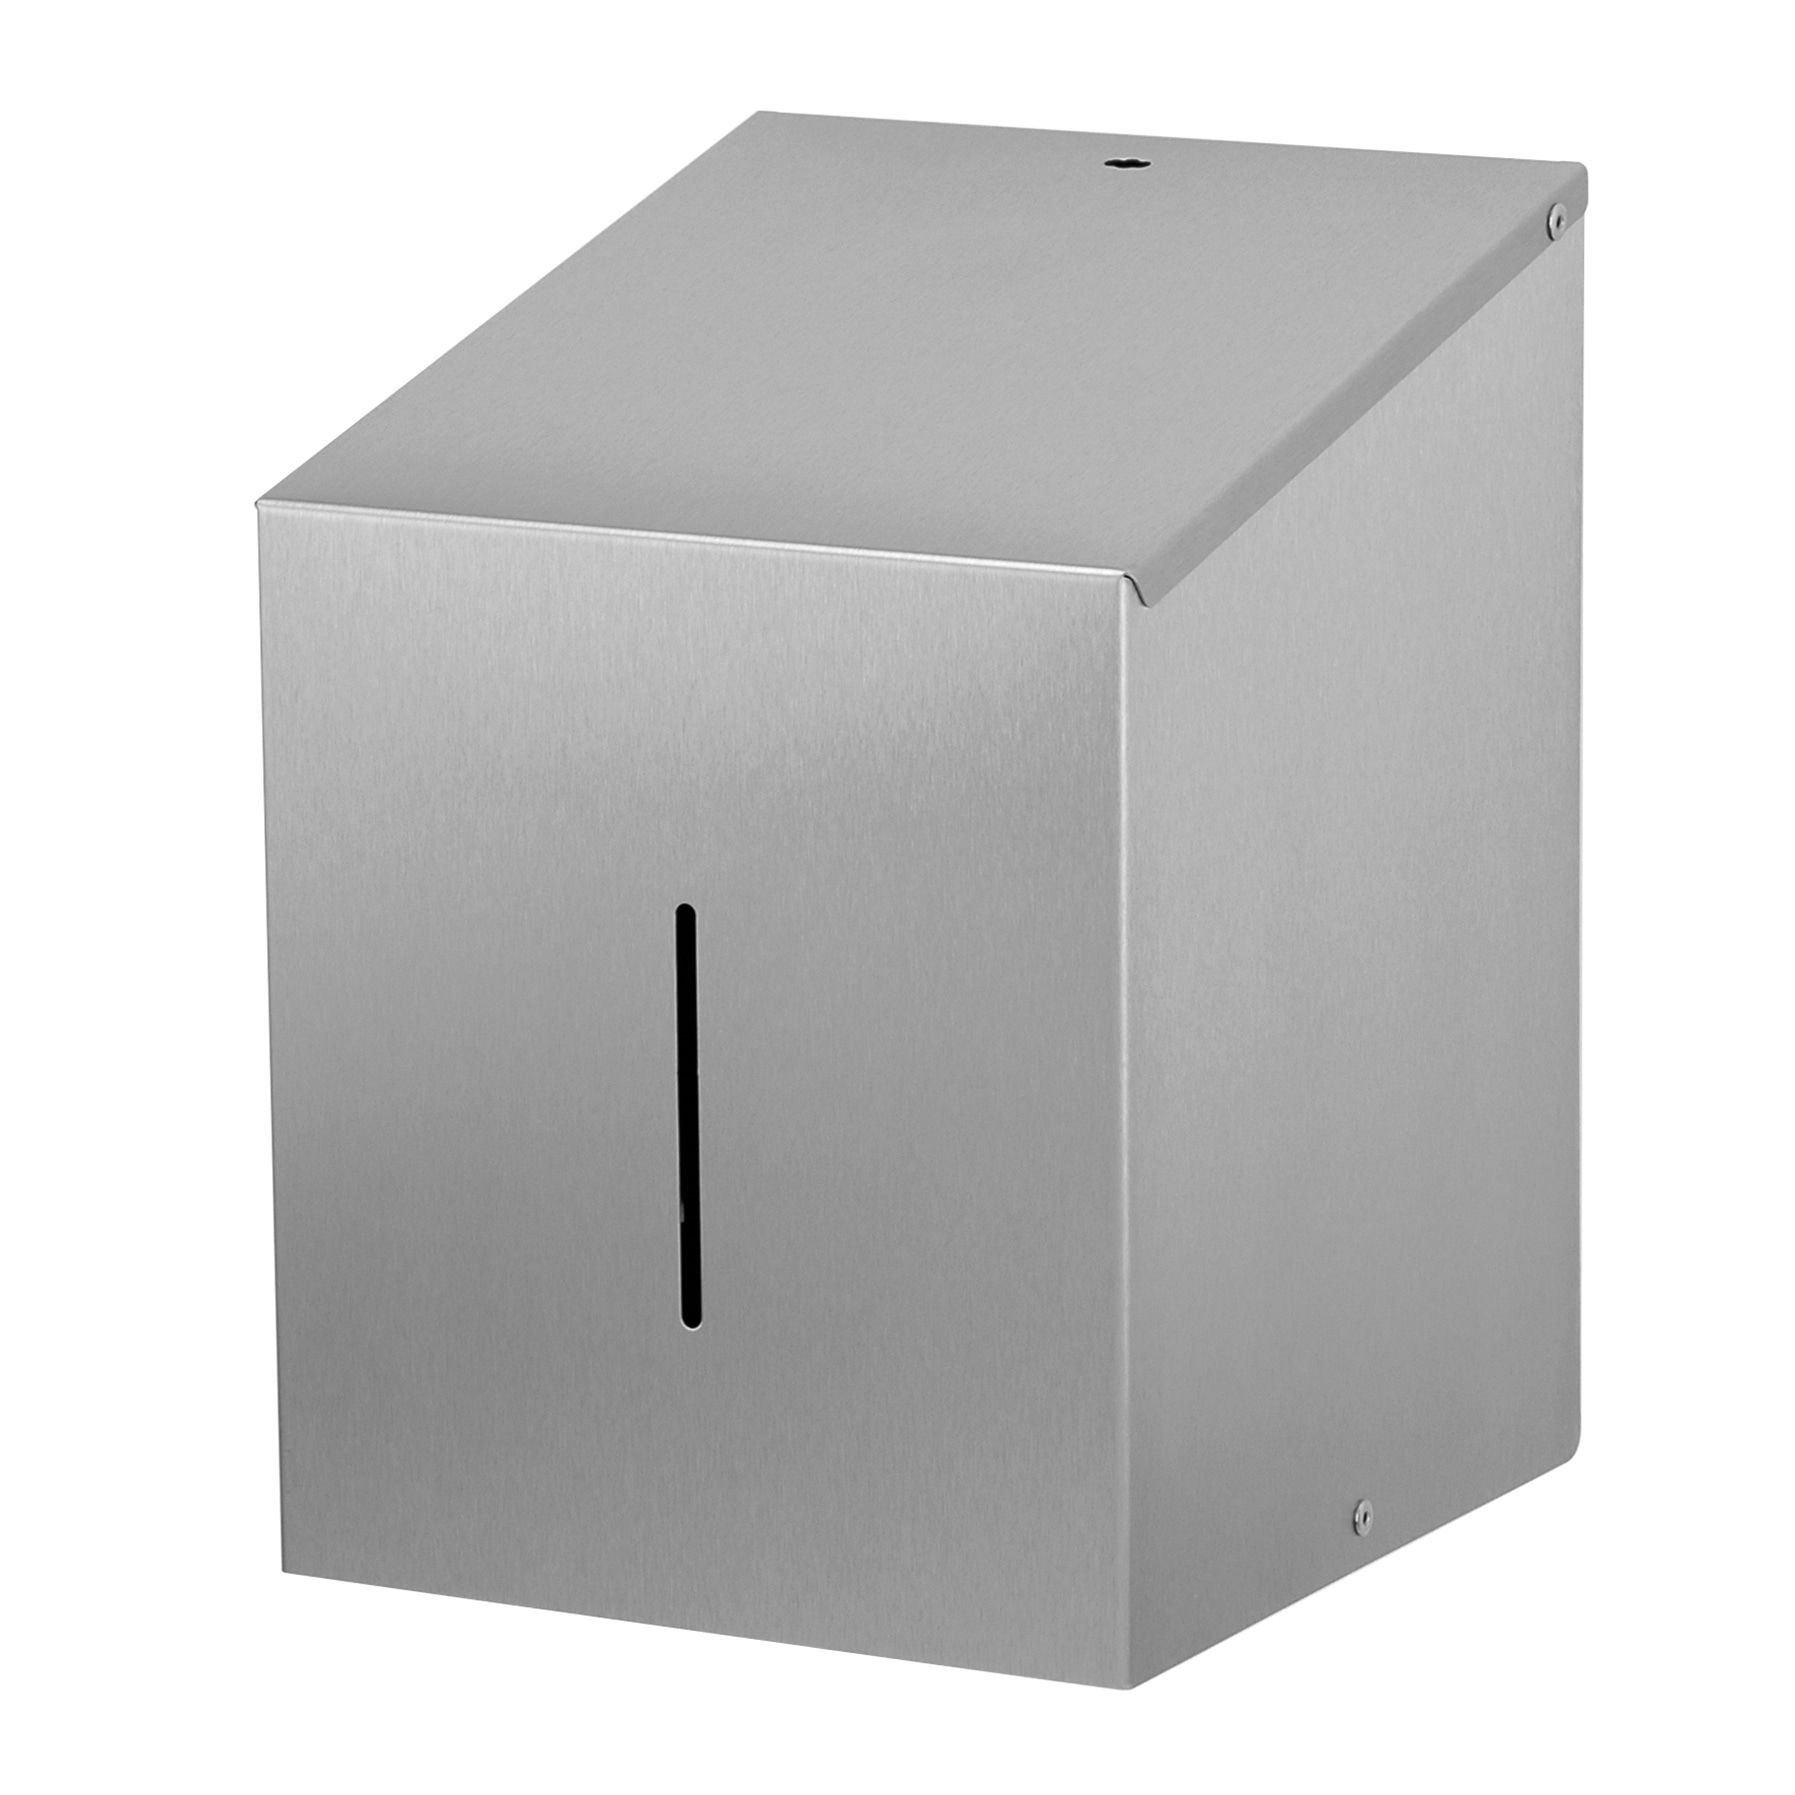 Sanfer S3400500 RVS Midirol Dispenser Type C 01 E (S3400500)